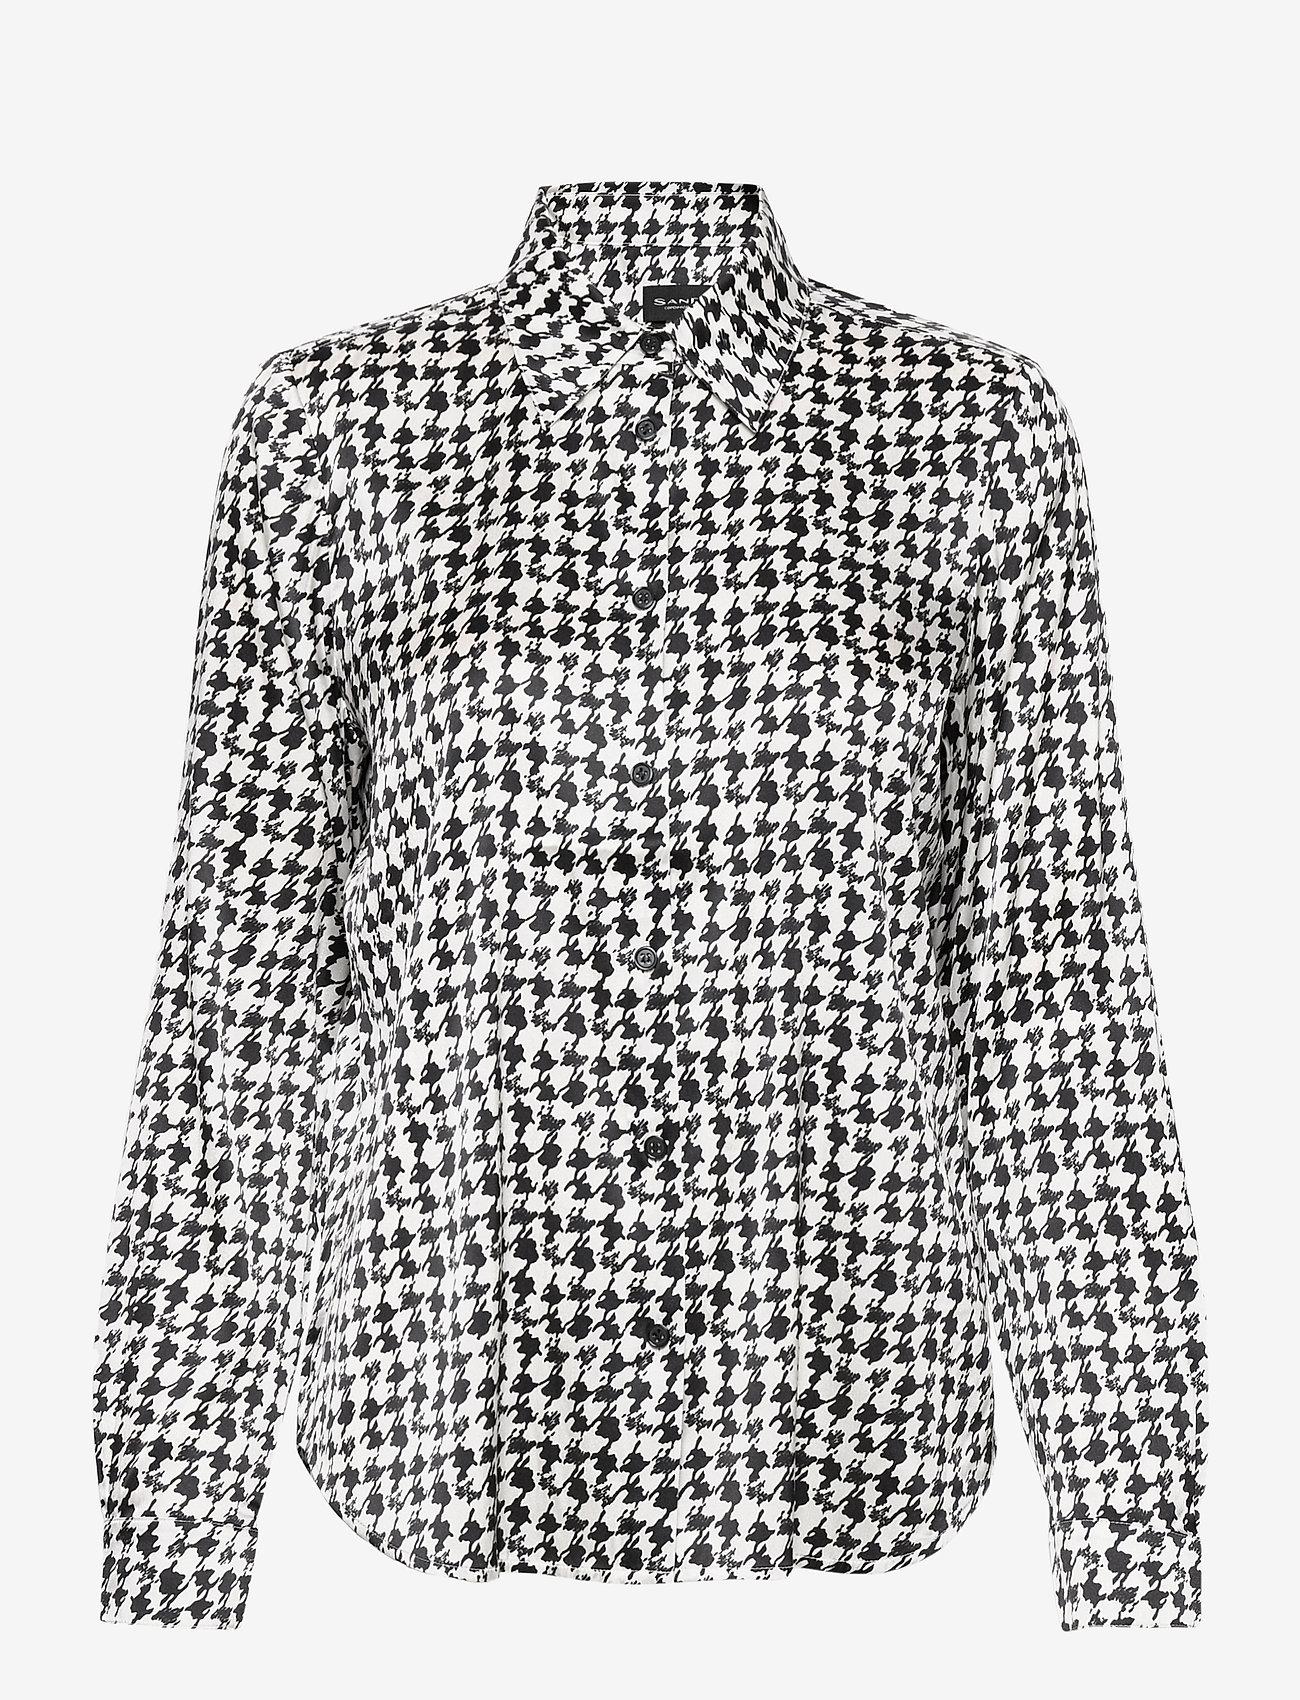 SAND - 3174 Satin - Latia - blouses à manches longues - pattern - 0